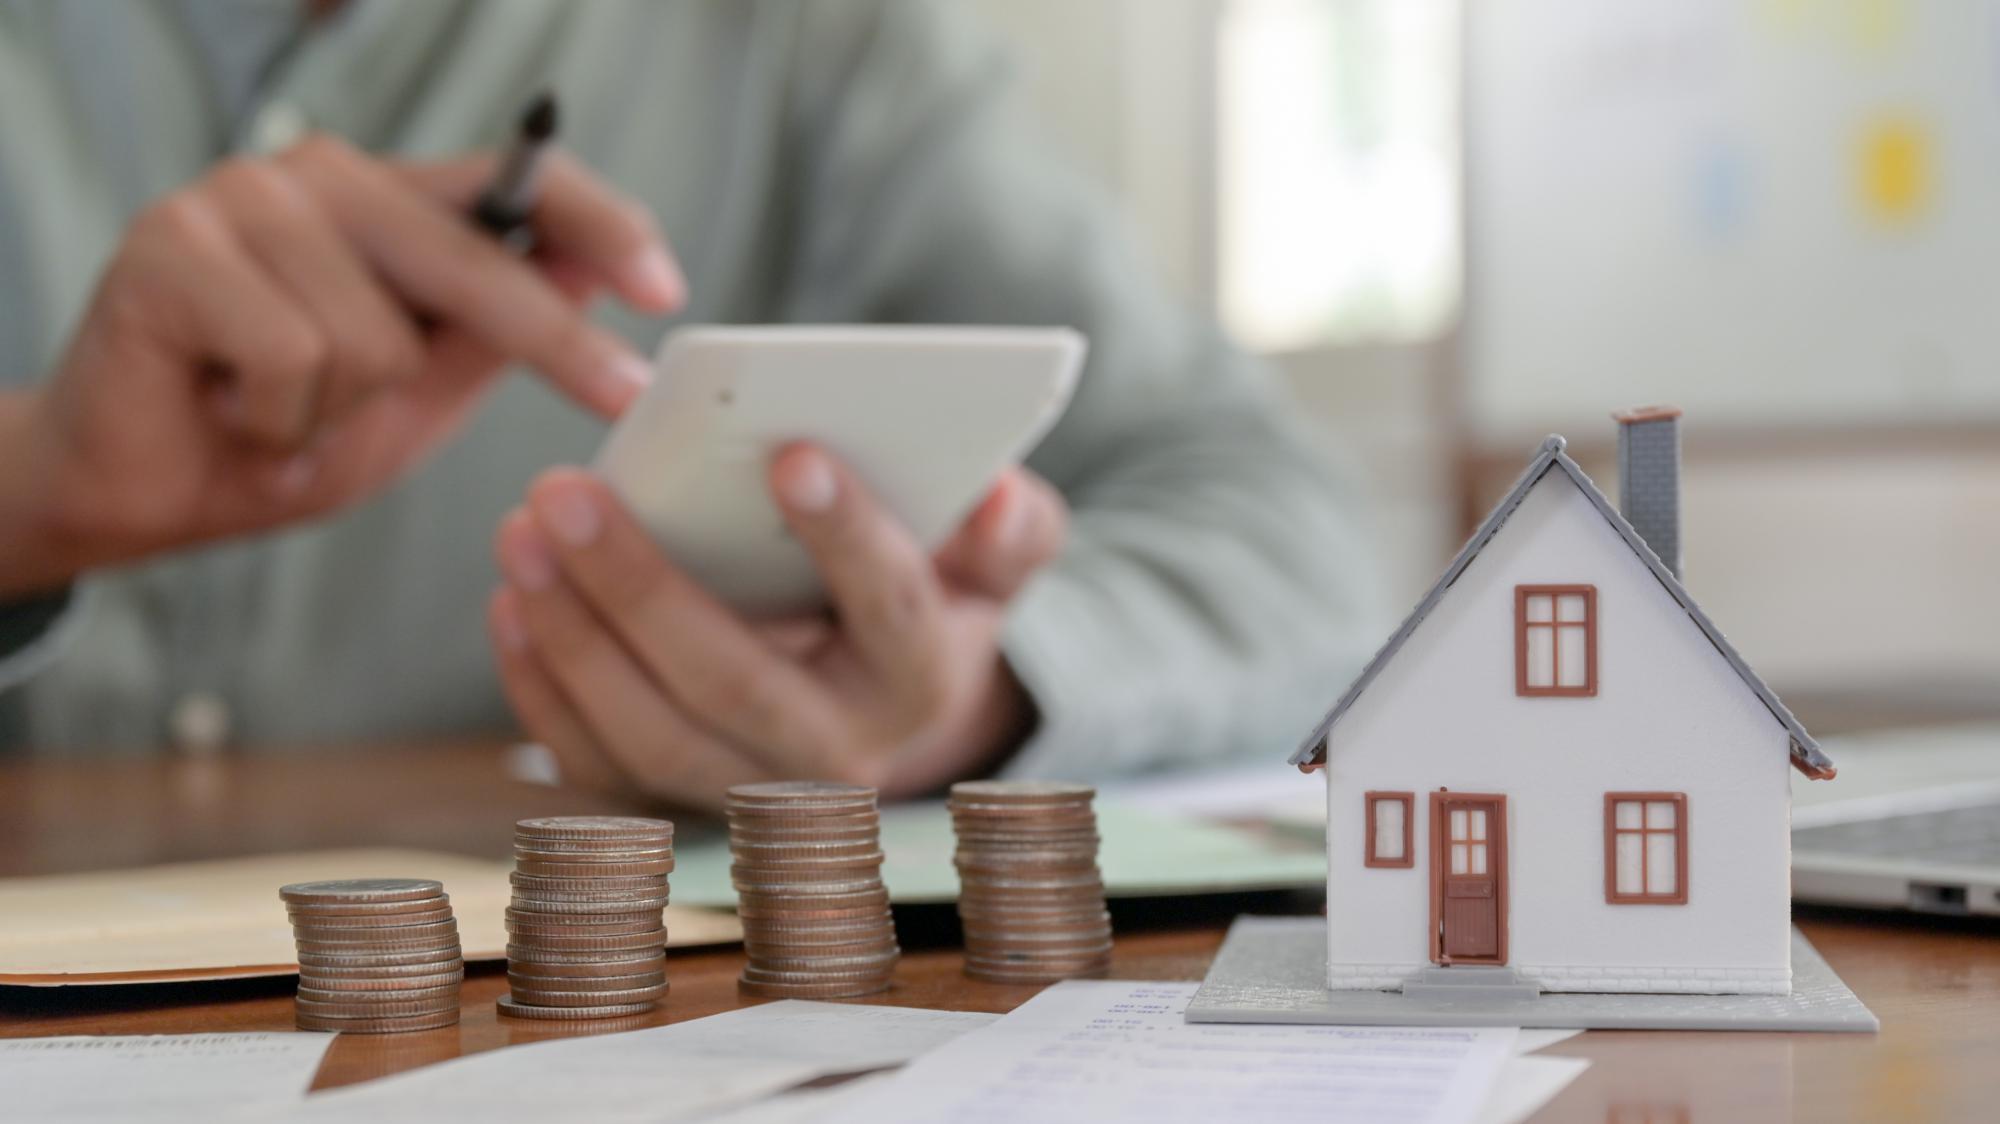 Депутаты приняли проект закона о расчете налога на имущество по кадастровой стоимости